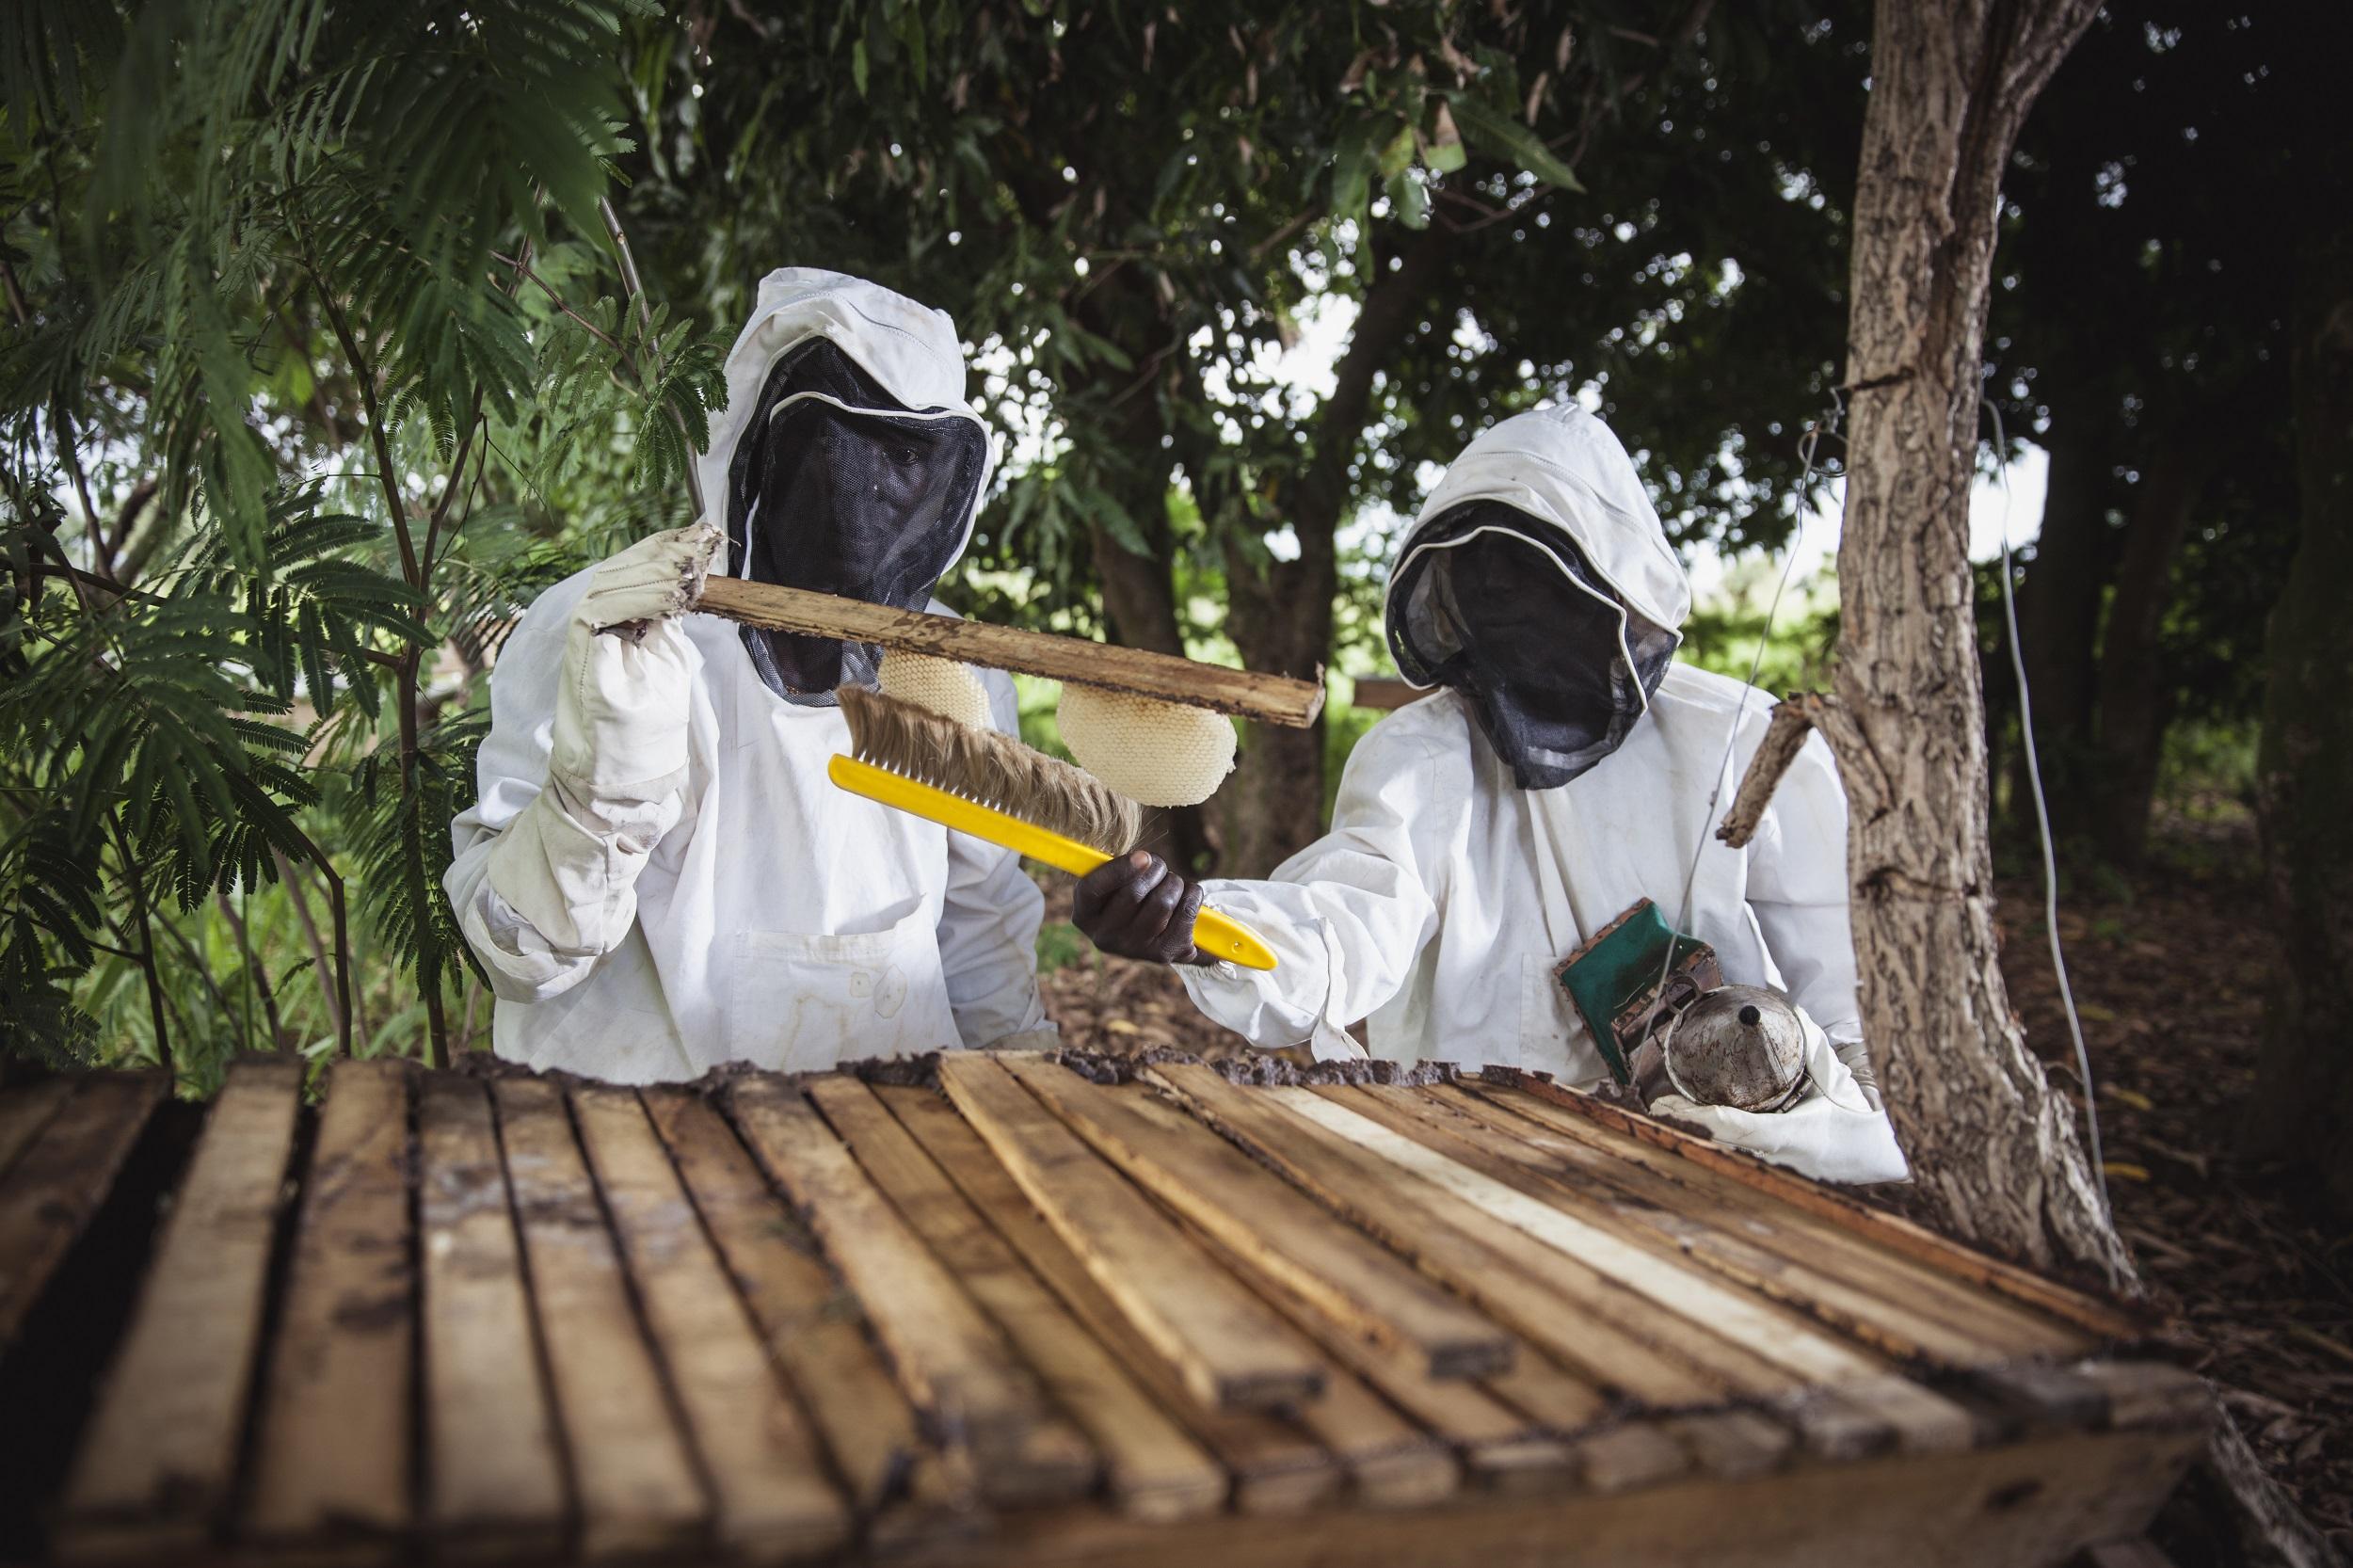 Kaksi suojapukuihin pukeutunutta henkilöä mehiläskennon parissa työskentelemässä